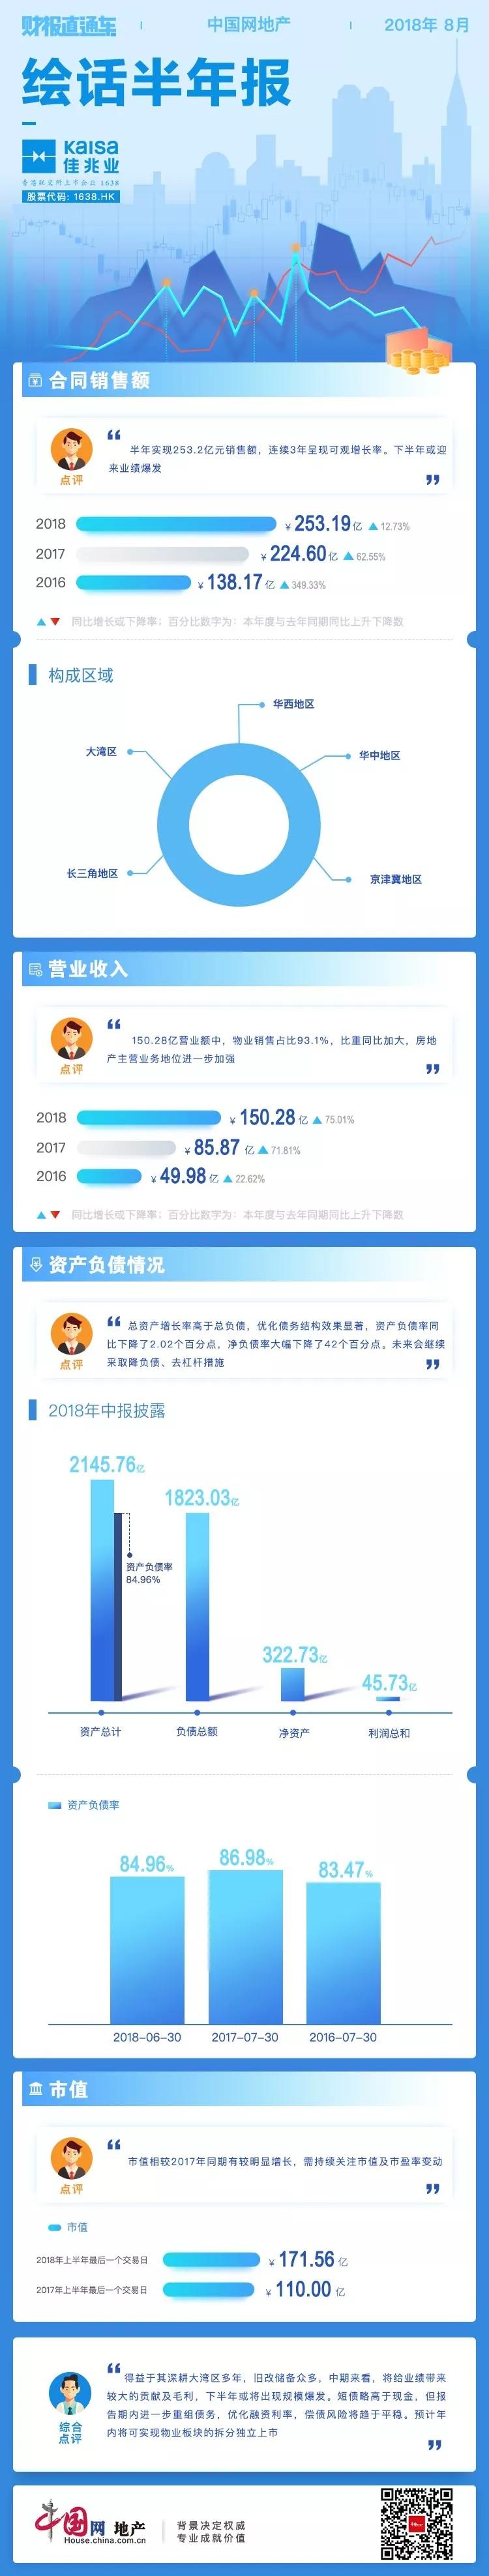 财报直通车 | 绘话半年报08期——佳兆业-中国网地产